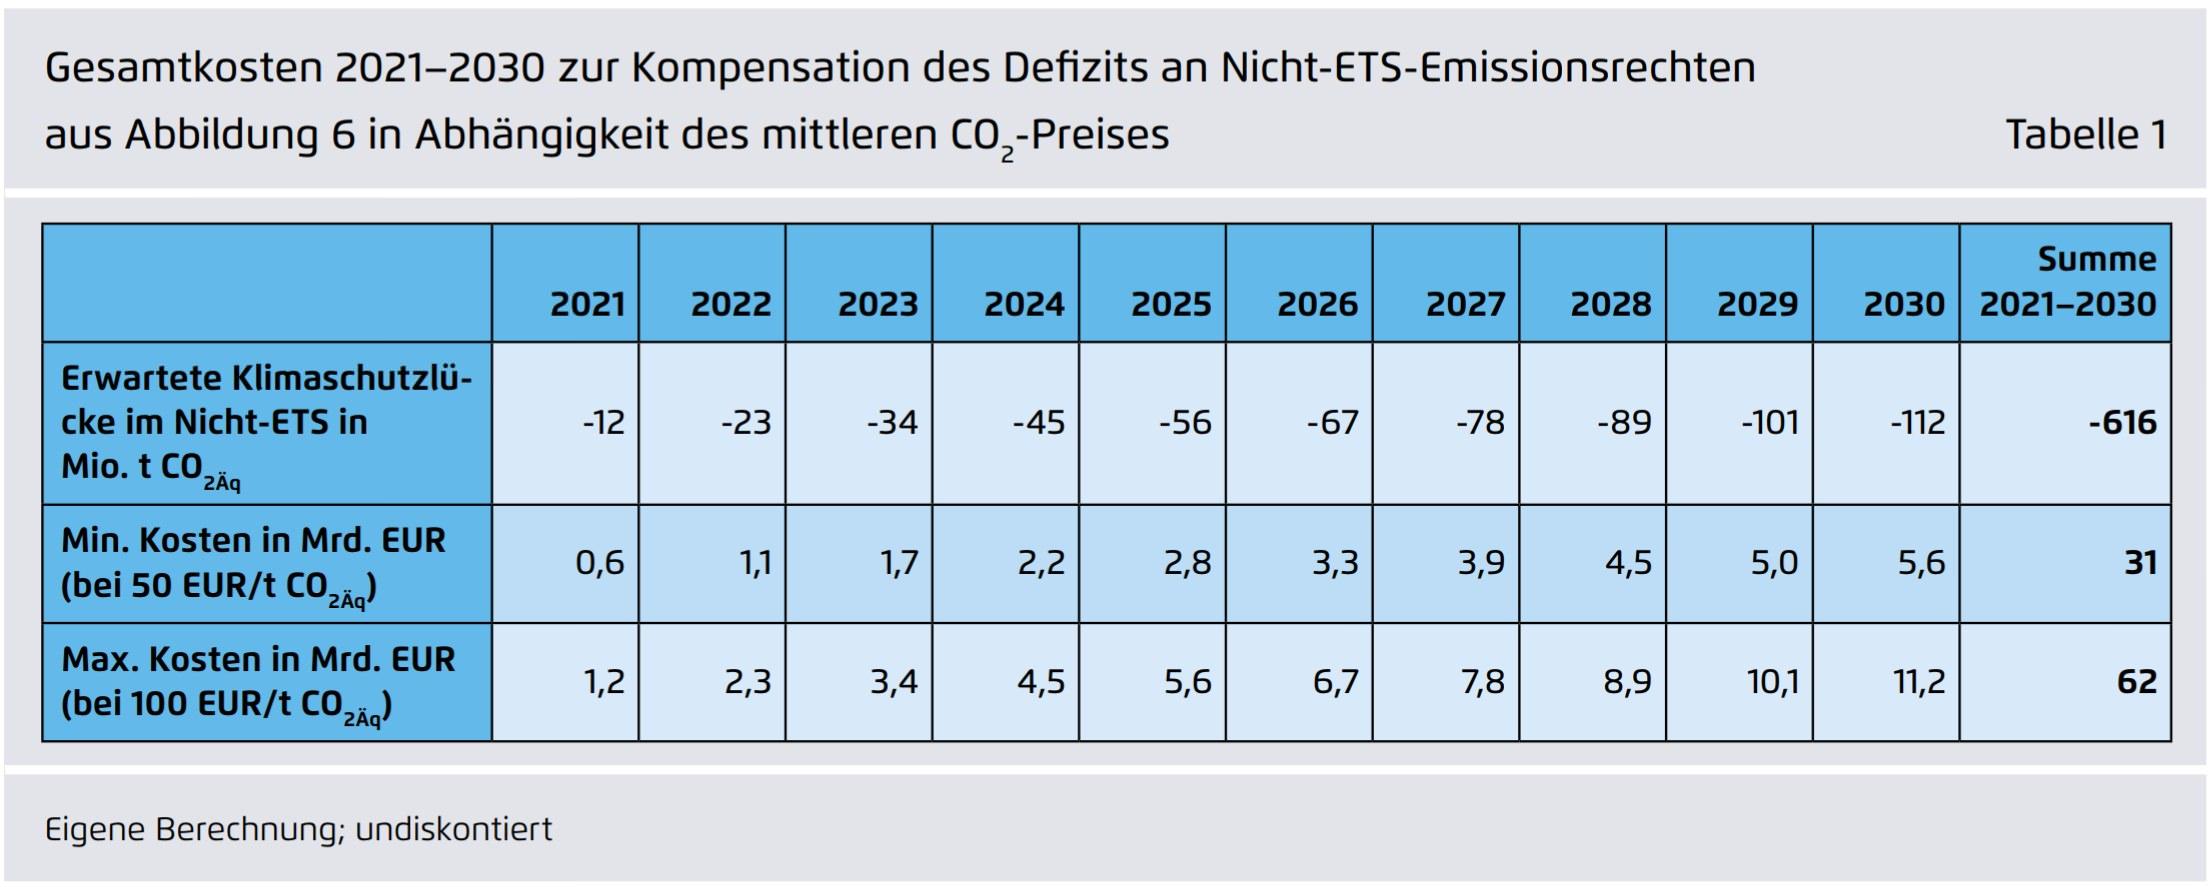 Gesamtkosten Kompensation Nicht-ETS Defizit Klimaschutz